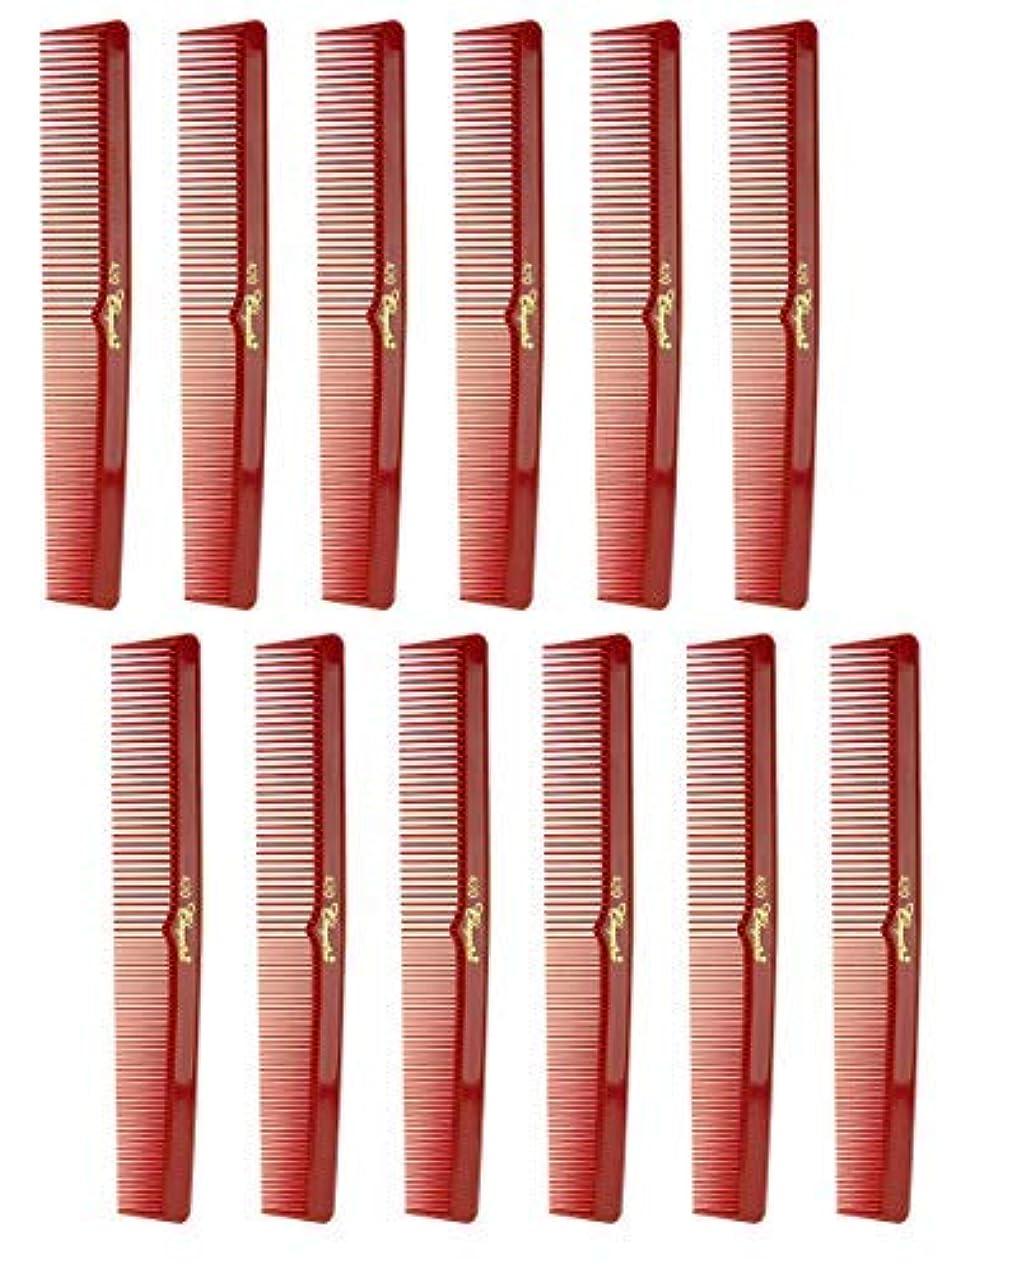 六月虎テクスチャー7 Inch Hair Cutting Comb. Barber's & Hairstylist Combs. Red. 1 DZ. [並行輸入品]